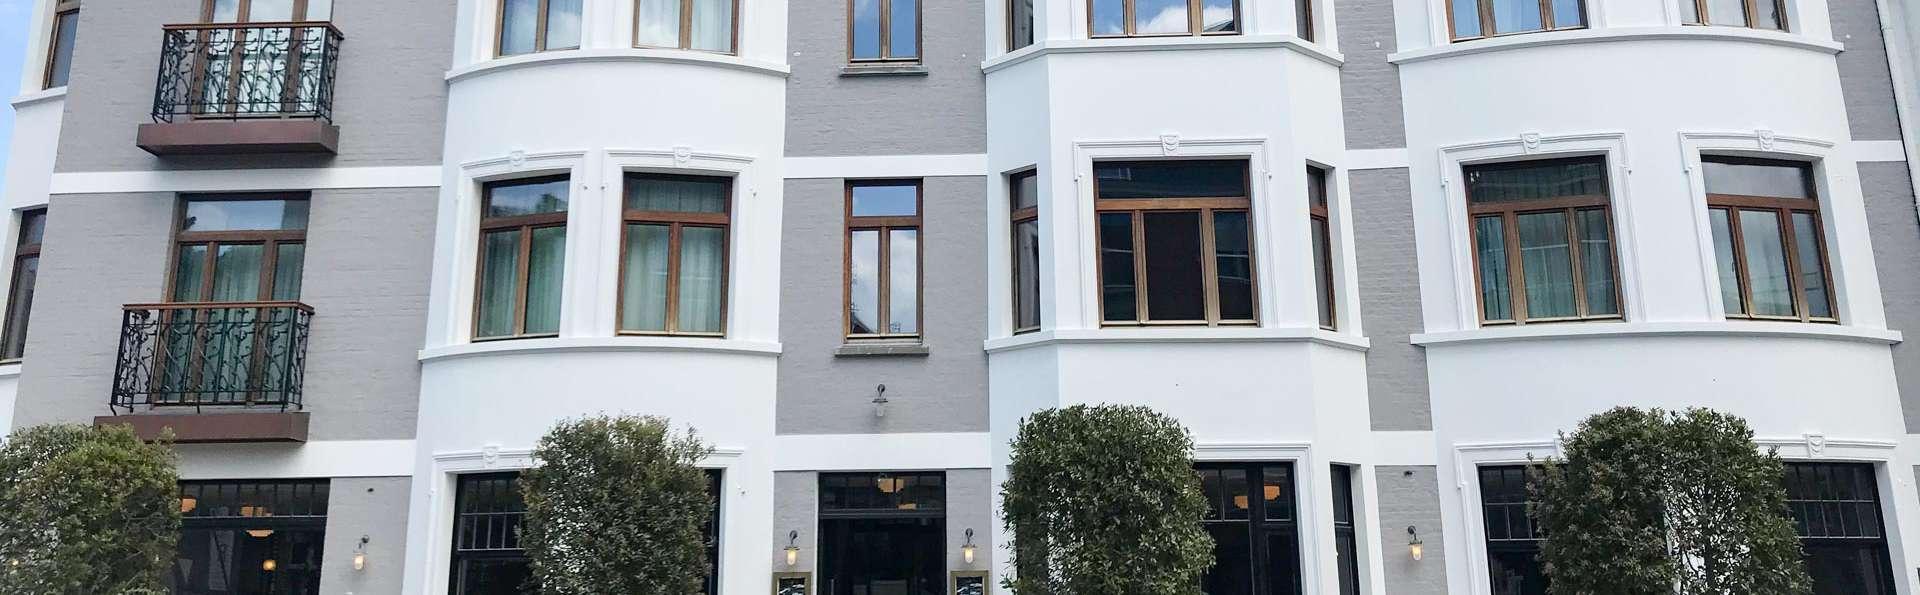 Gatsby Hotel Blankenberge - EDIT_N3_FRONT_05.jpg